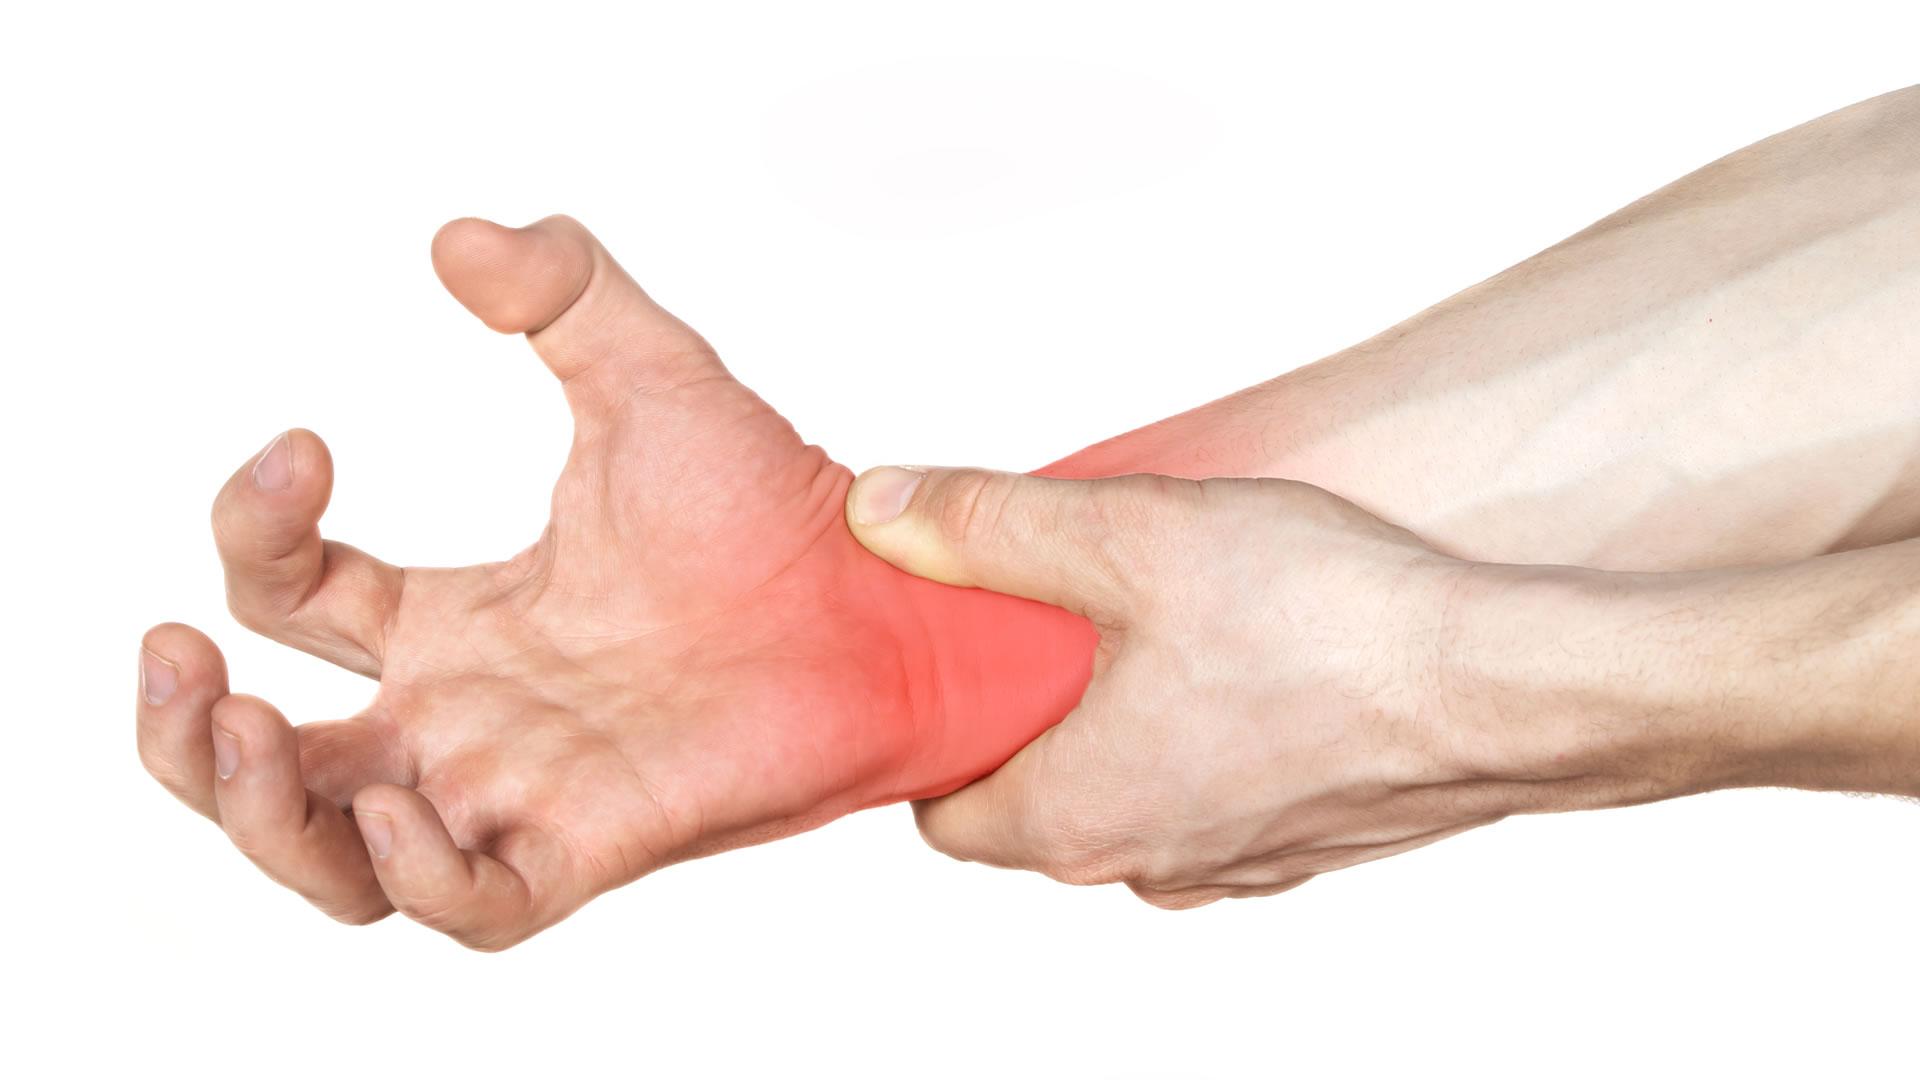 La fisioterapia es tan eficaz como la cirugía para tratar el síndrome del túnel carpiano